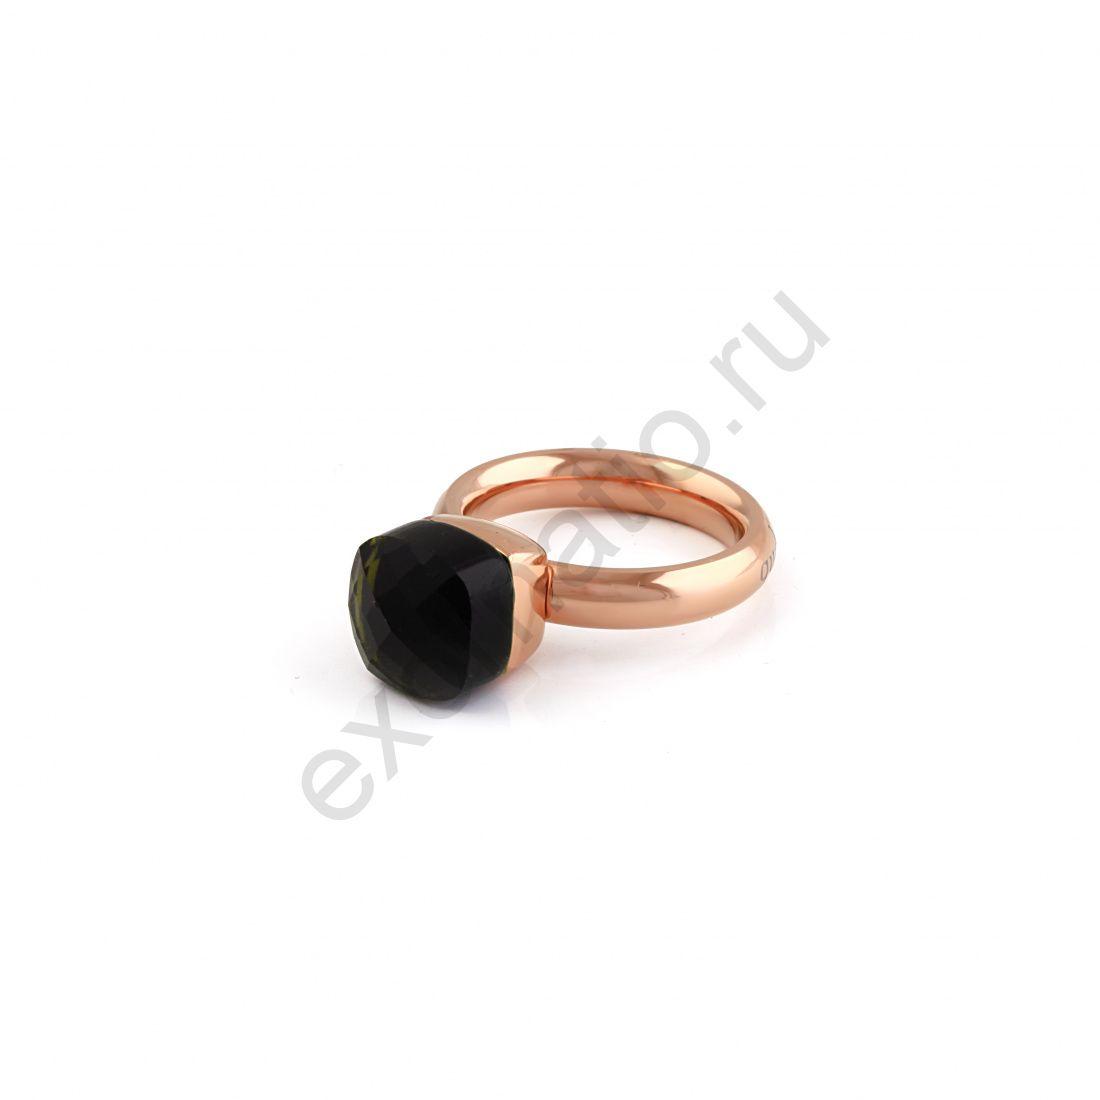 Кольцо Qudo 610021/17.2 G/RG